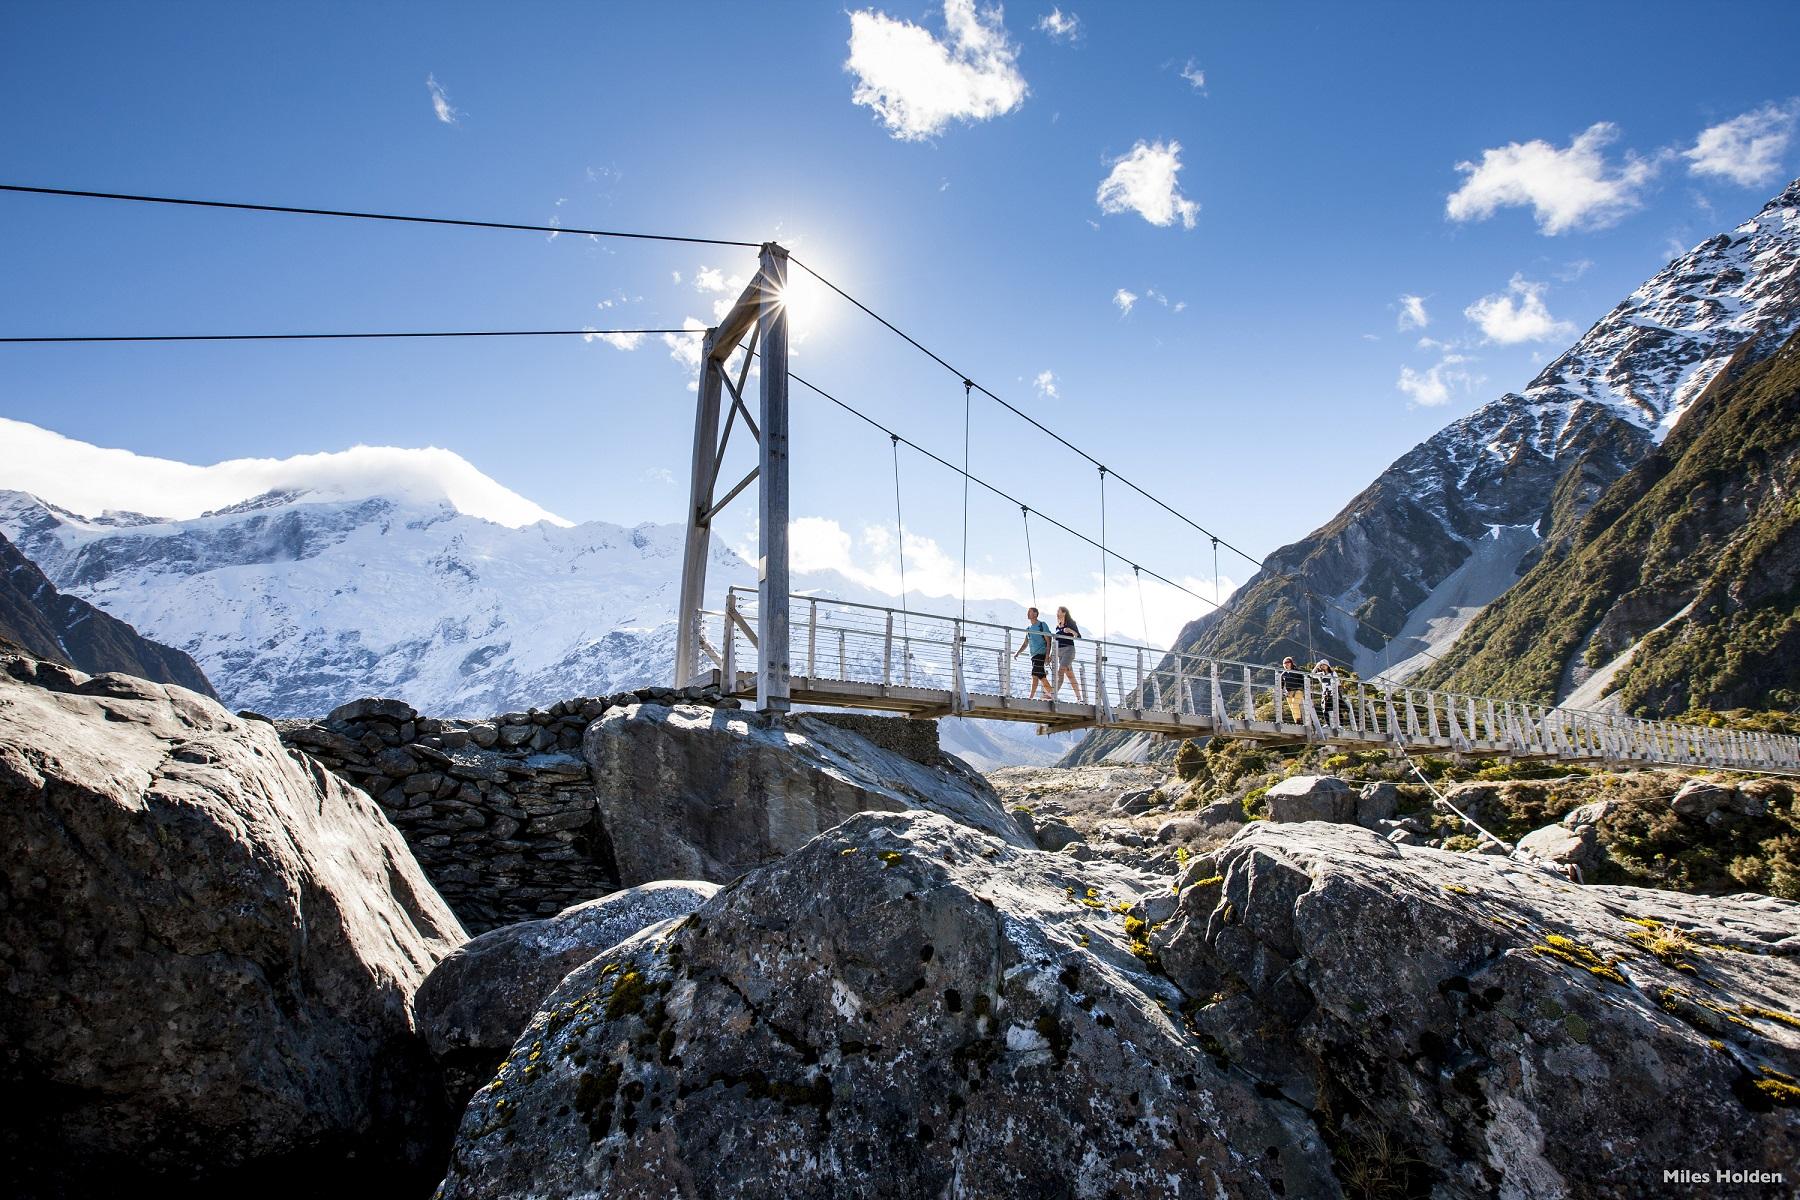 來紐西蘭南島,一定要到當地最高峰庫克山走走,步道的難度不高,卻能欣賞超壯觀風景。(圖/紐西蘭航空)